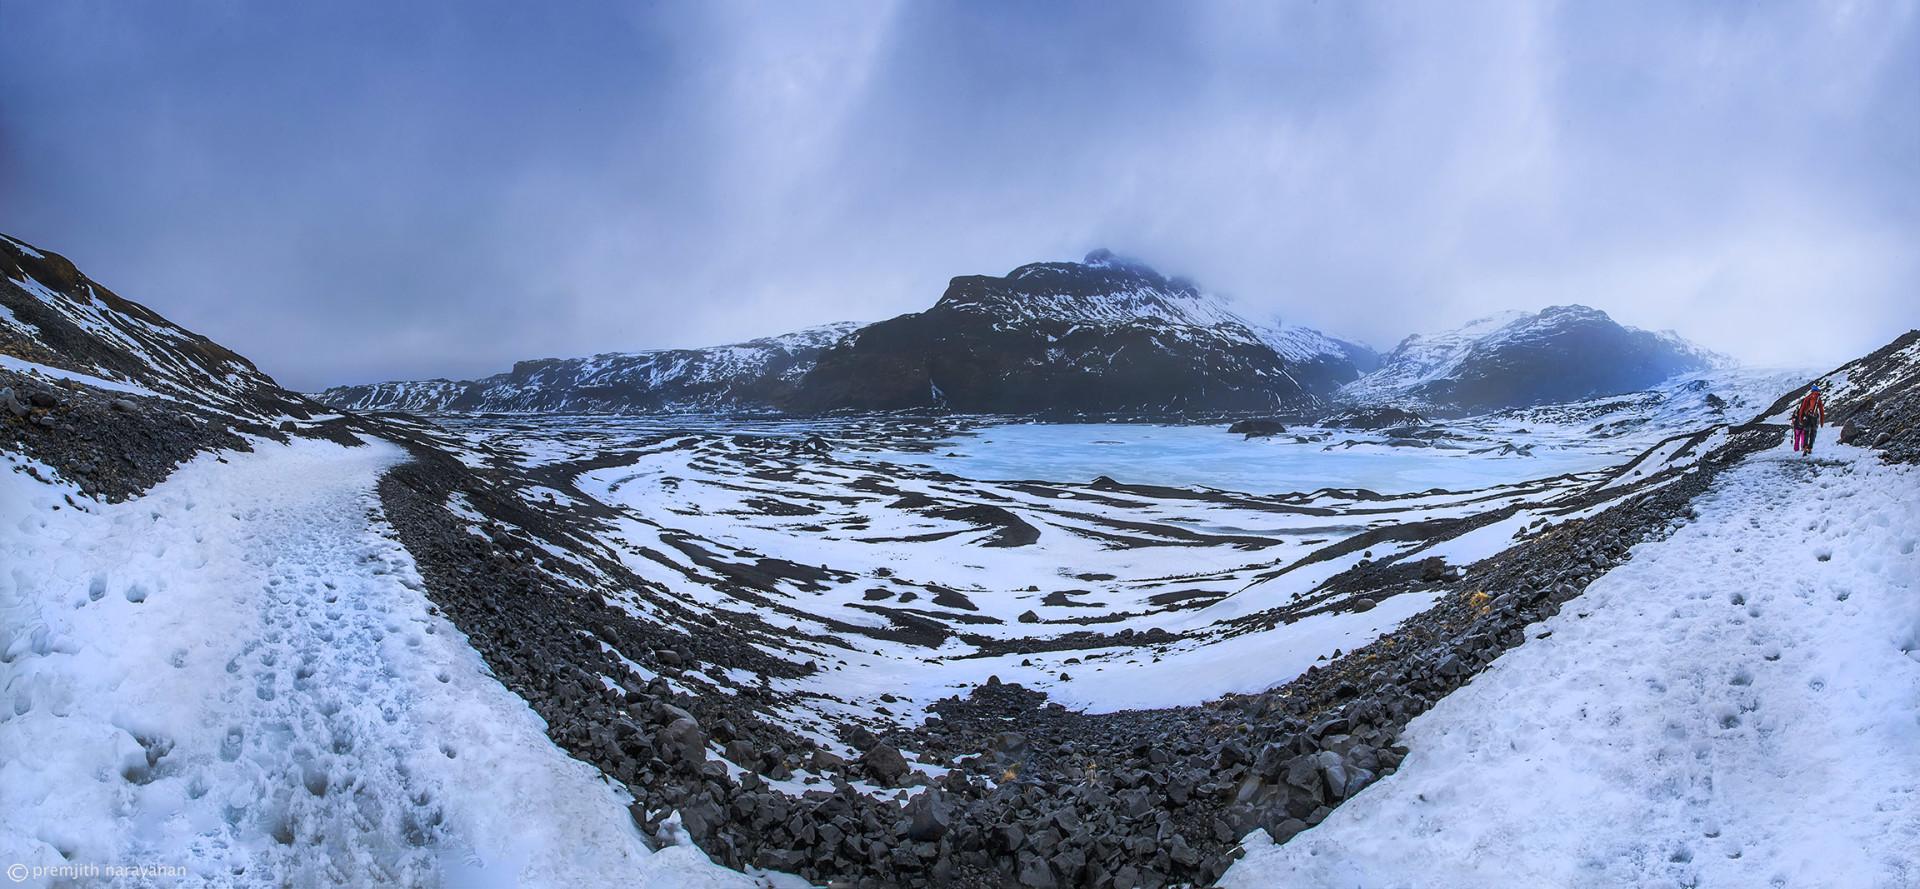 5. Sólheimajökull Glacier Base